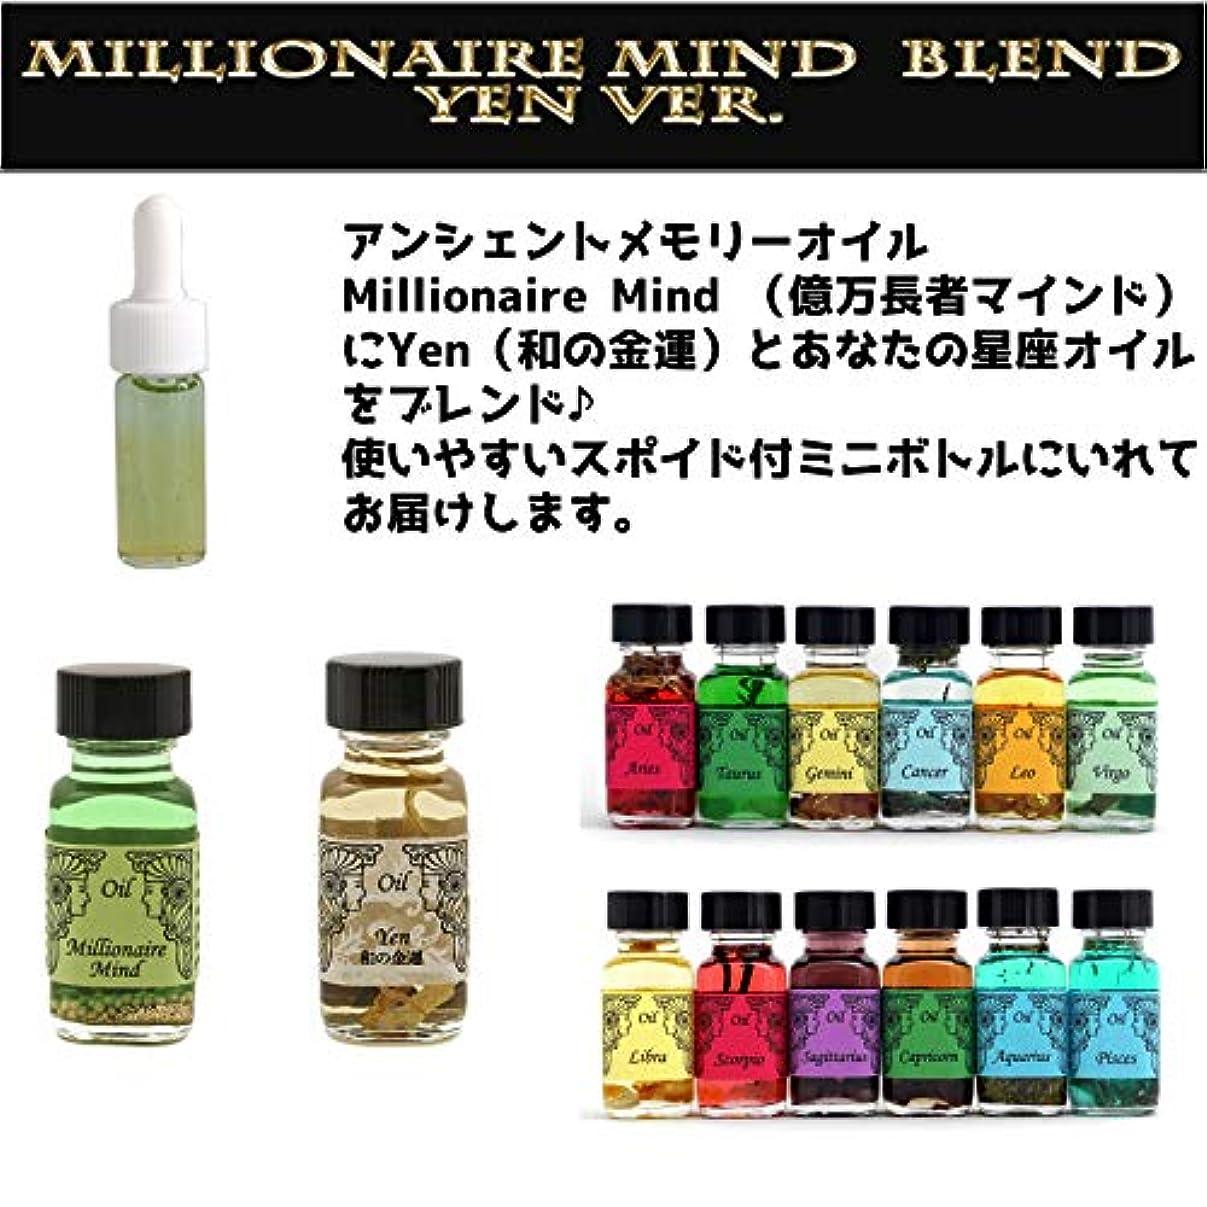 寄稿者最適哲学者アンシェントメモリーオイル Millionaire Mind 億万長者マインド ブレンド【Yen 和の金運&かに座】